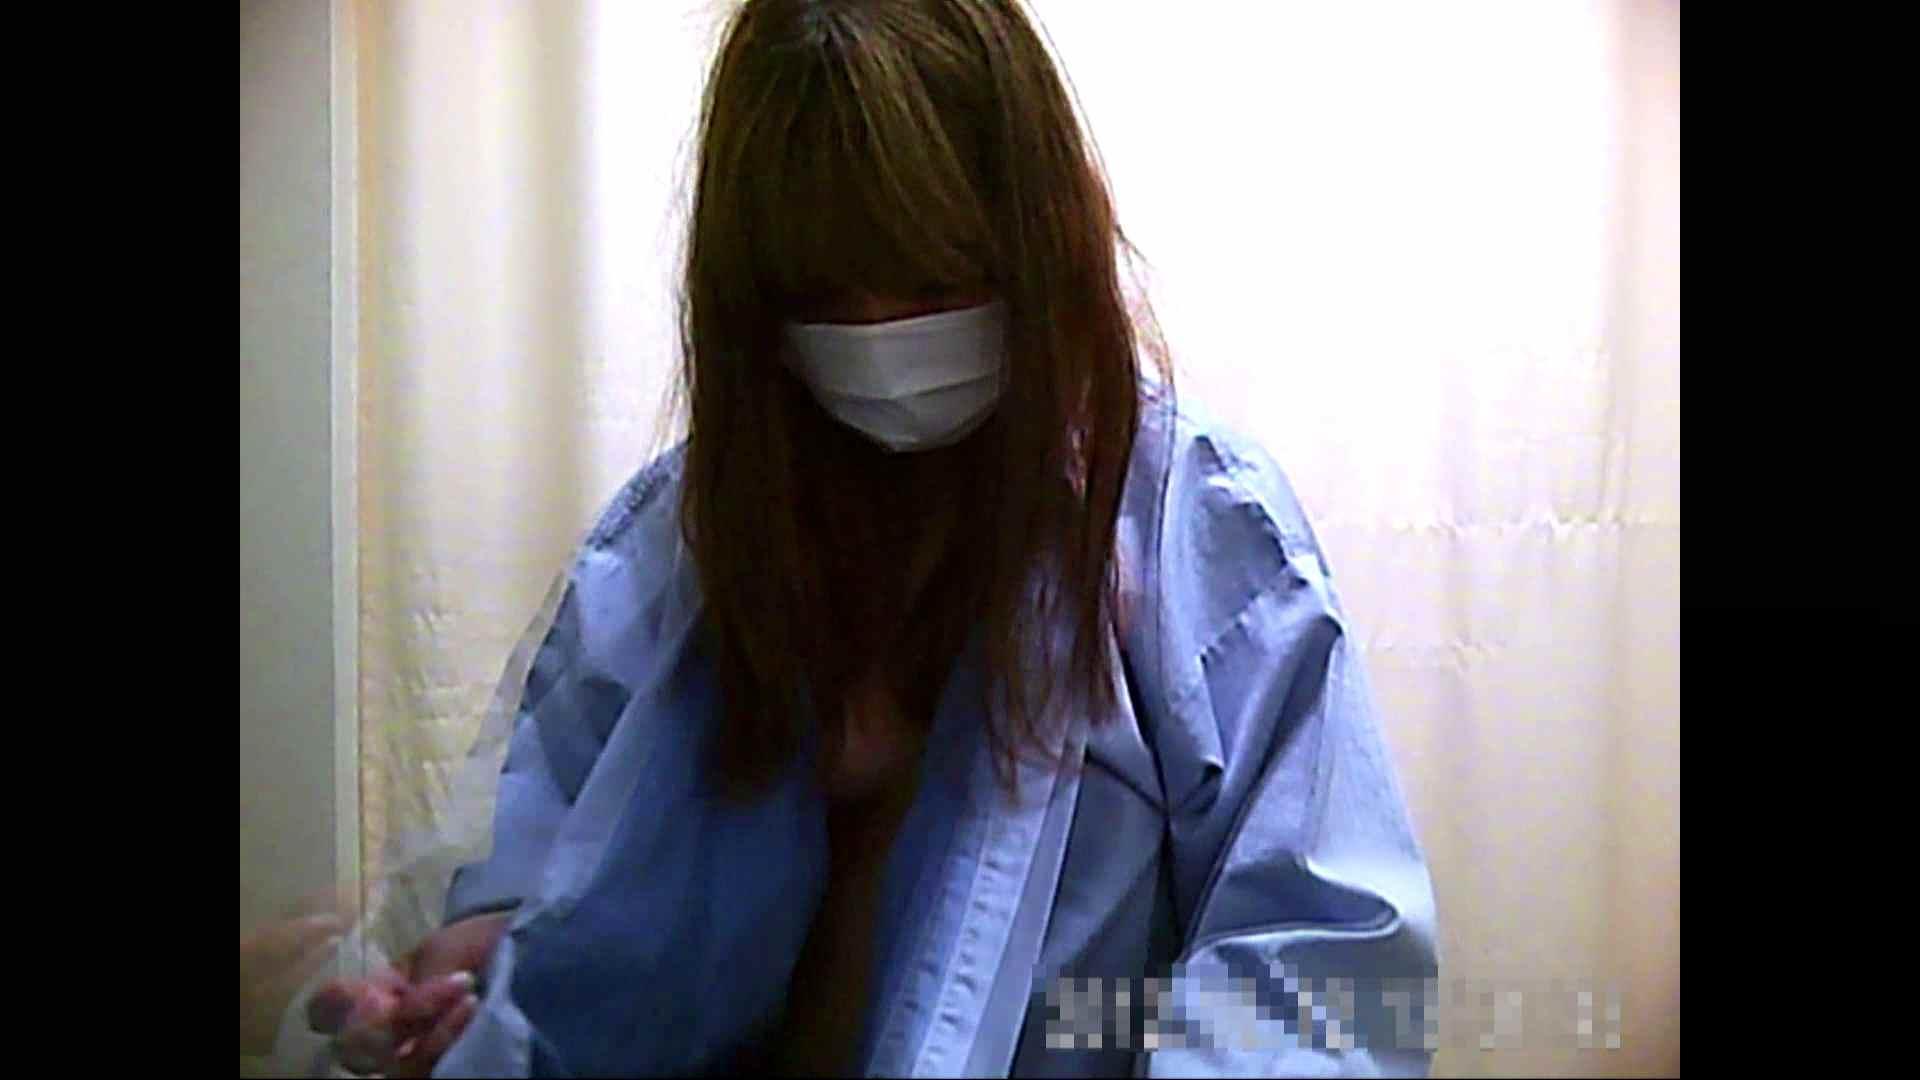 元医者による反抗 更衣室地獄絵巻 vol.061 エッチなお姉さん オマンコ無修正動画無料 94画像 92